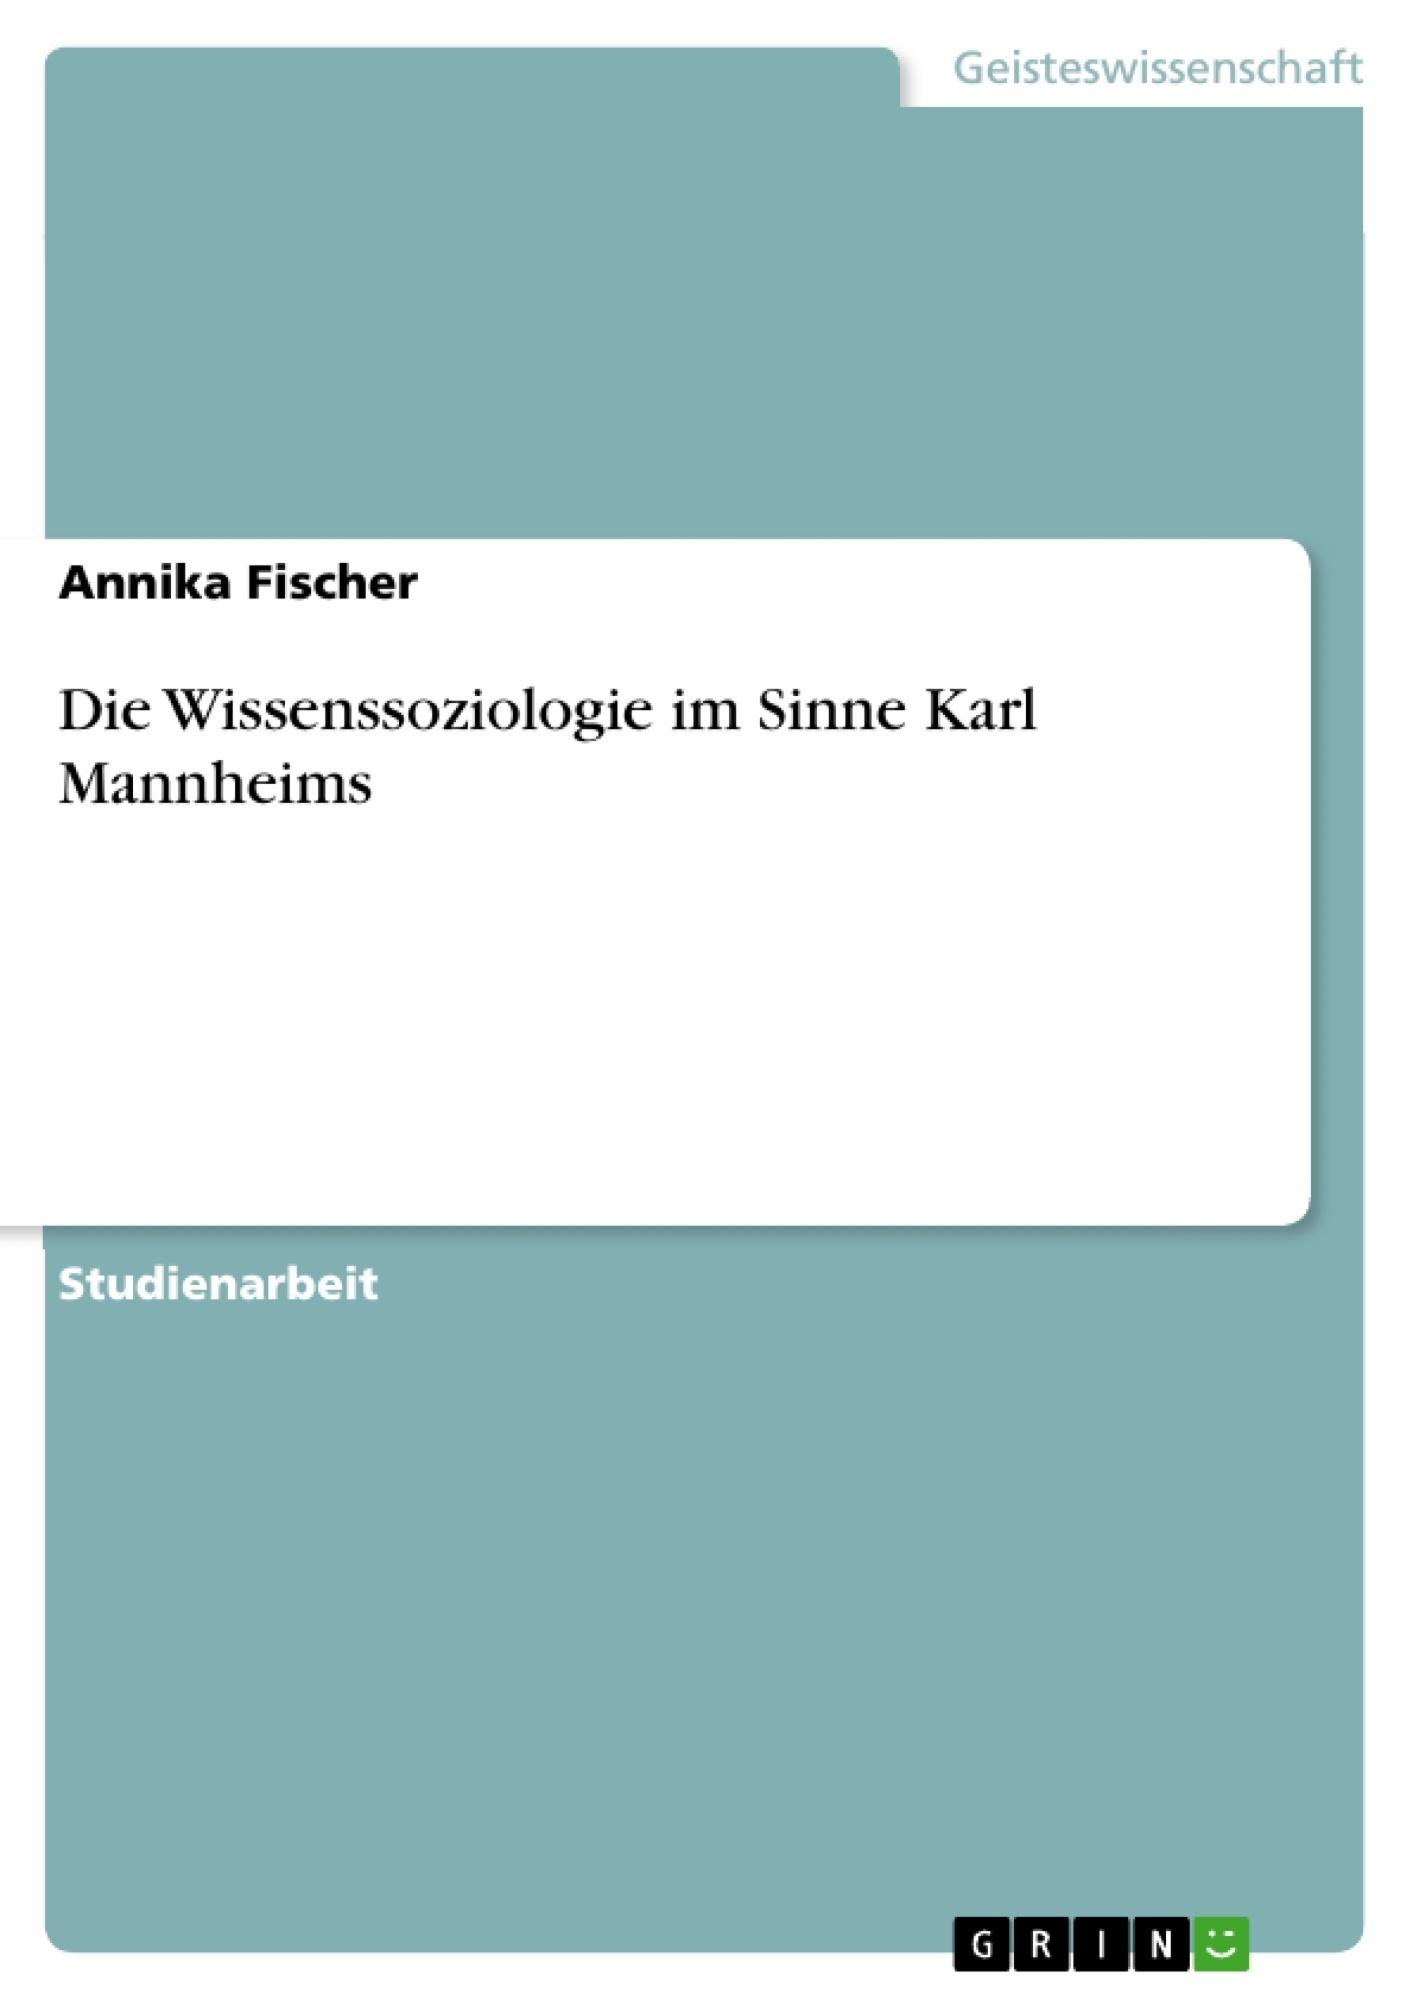 Titel: Die Wissenssoziologie im Sinne Karl Mannheims